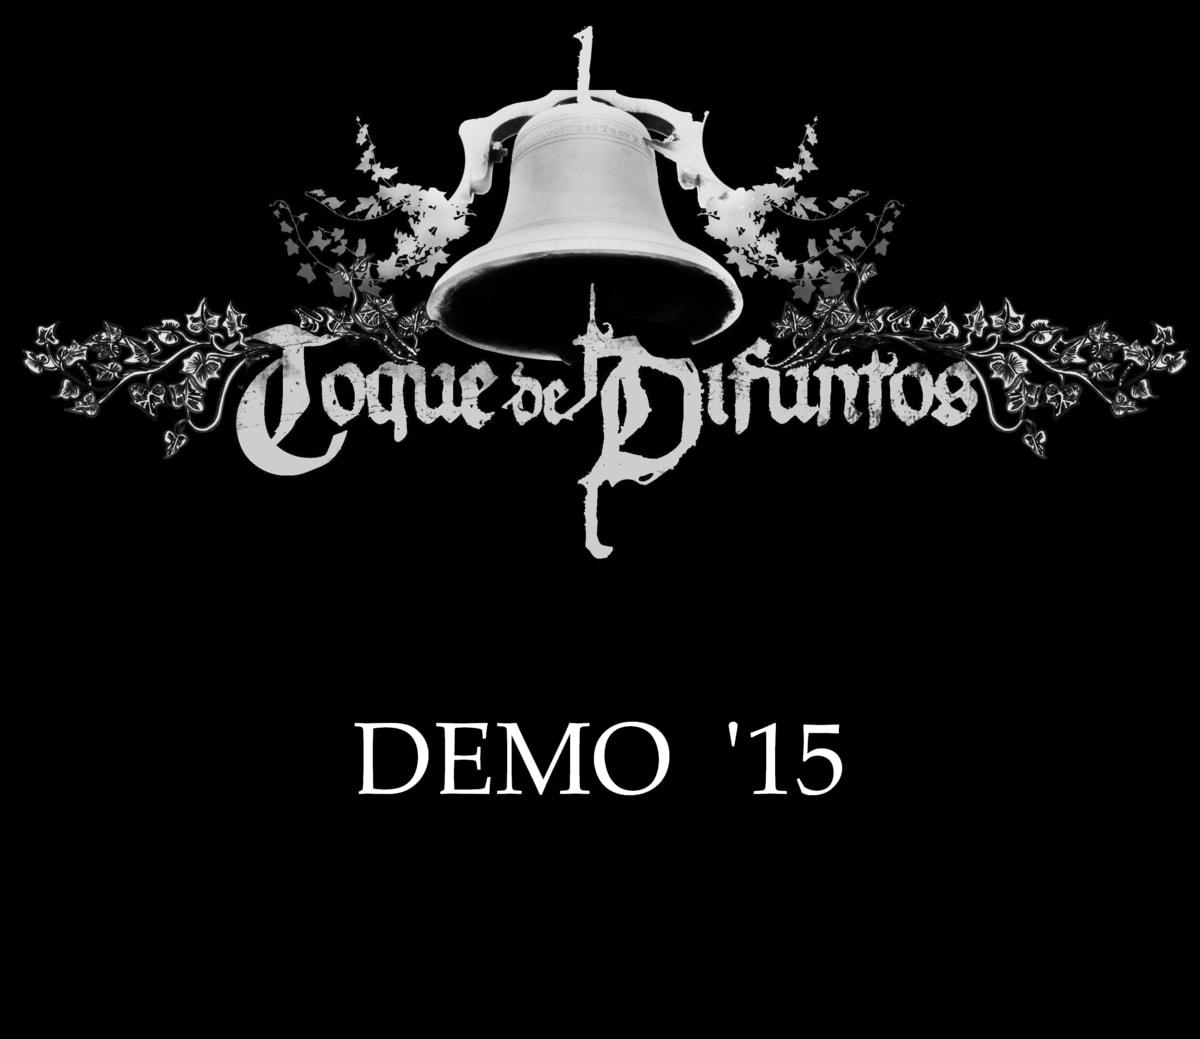 TOQUE DE DIFUNTOS – Demo ´15